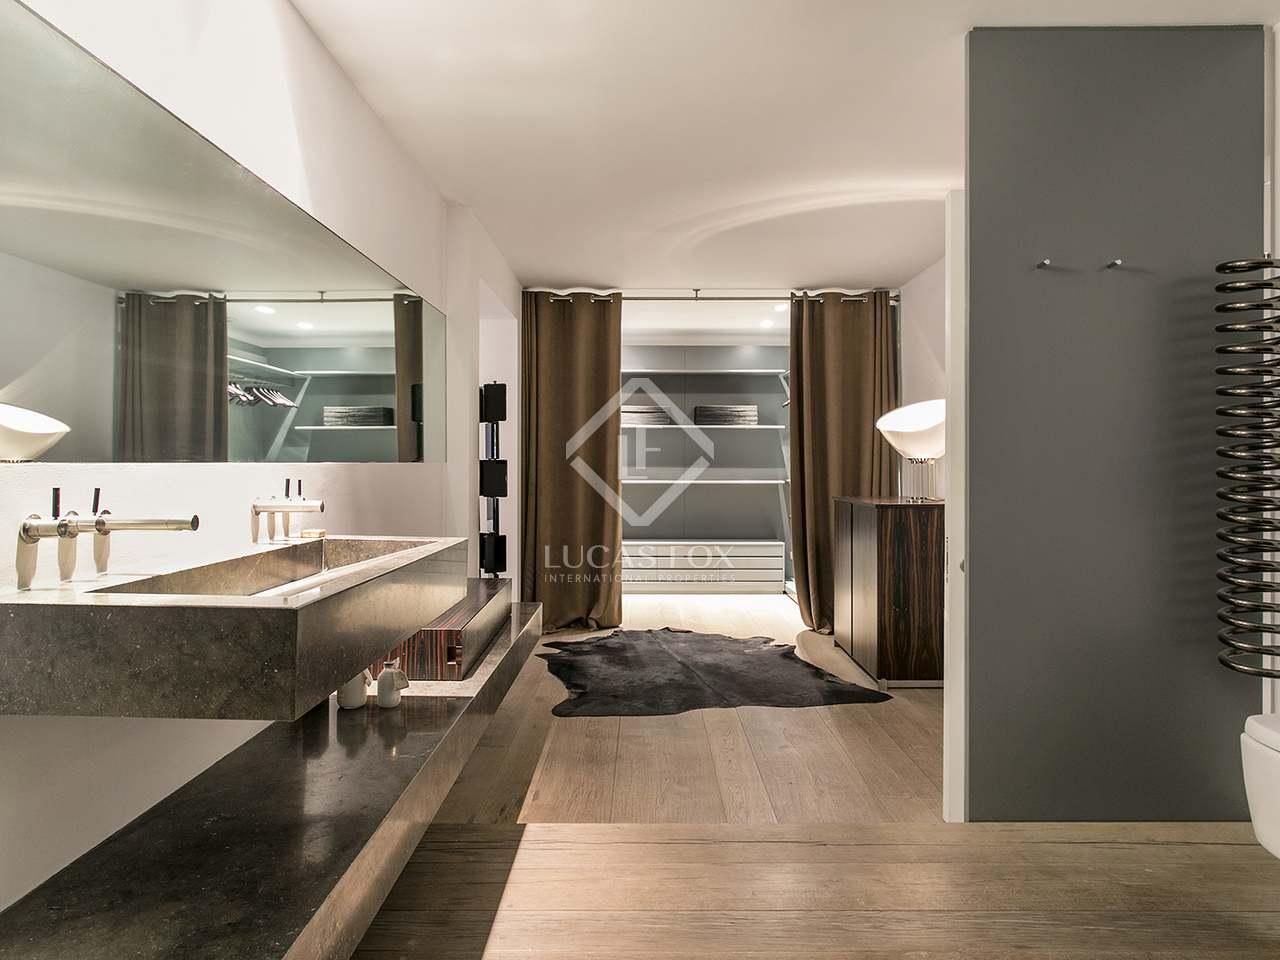 Appartement de 450m a louer tur park barcelone for Appartement a louer a barcelone avec piscine